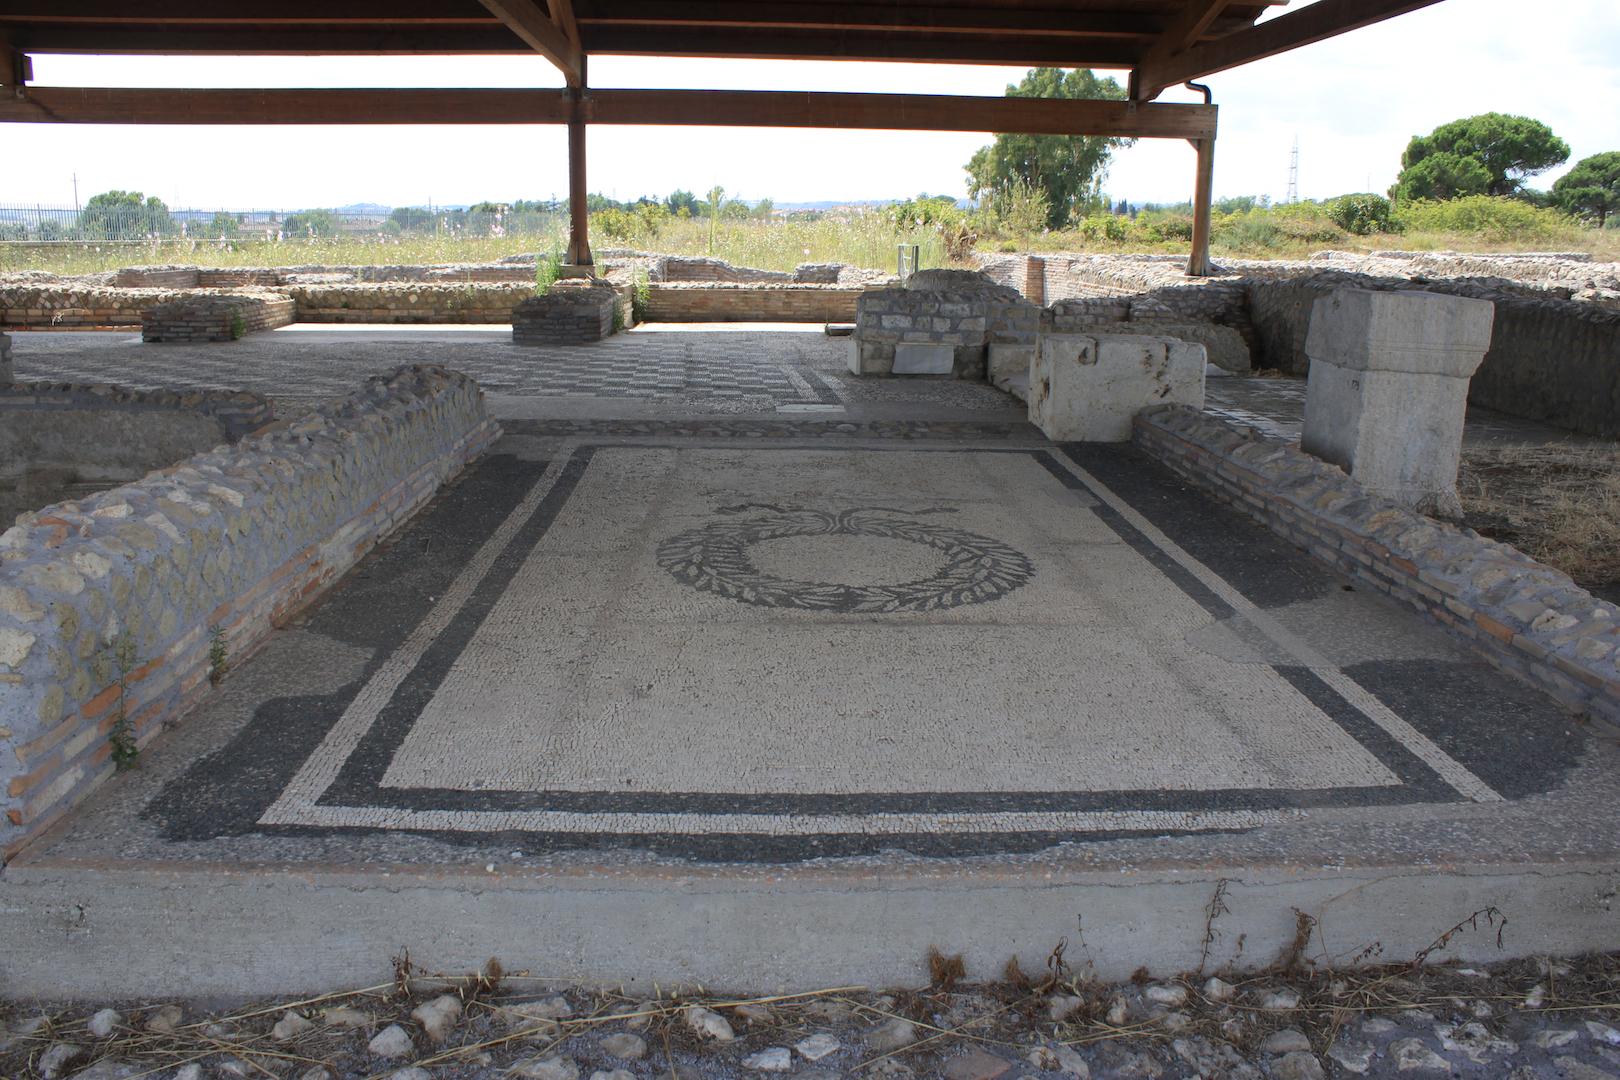 LucusFeroniaethermesduforum.jpg Français : Lucus Feroniae (Italie). Vue du site archéologique. Vue des thermes du forum, pavement mosaïqué